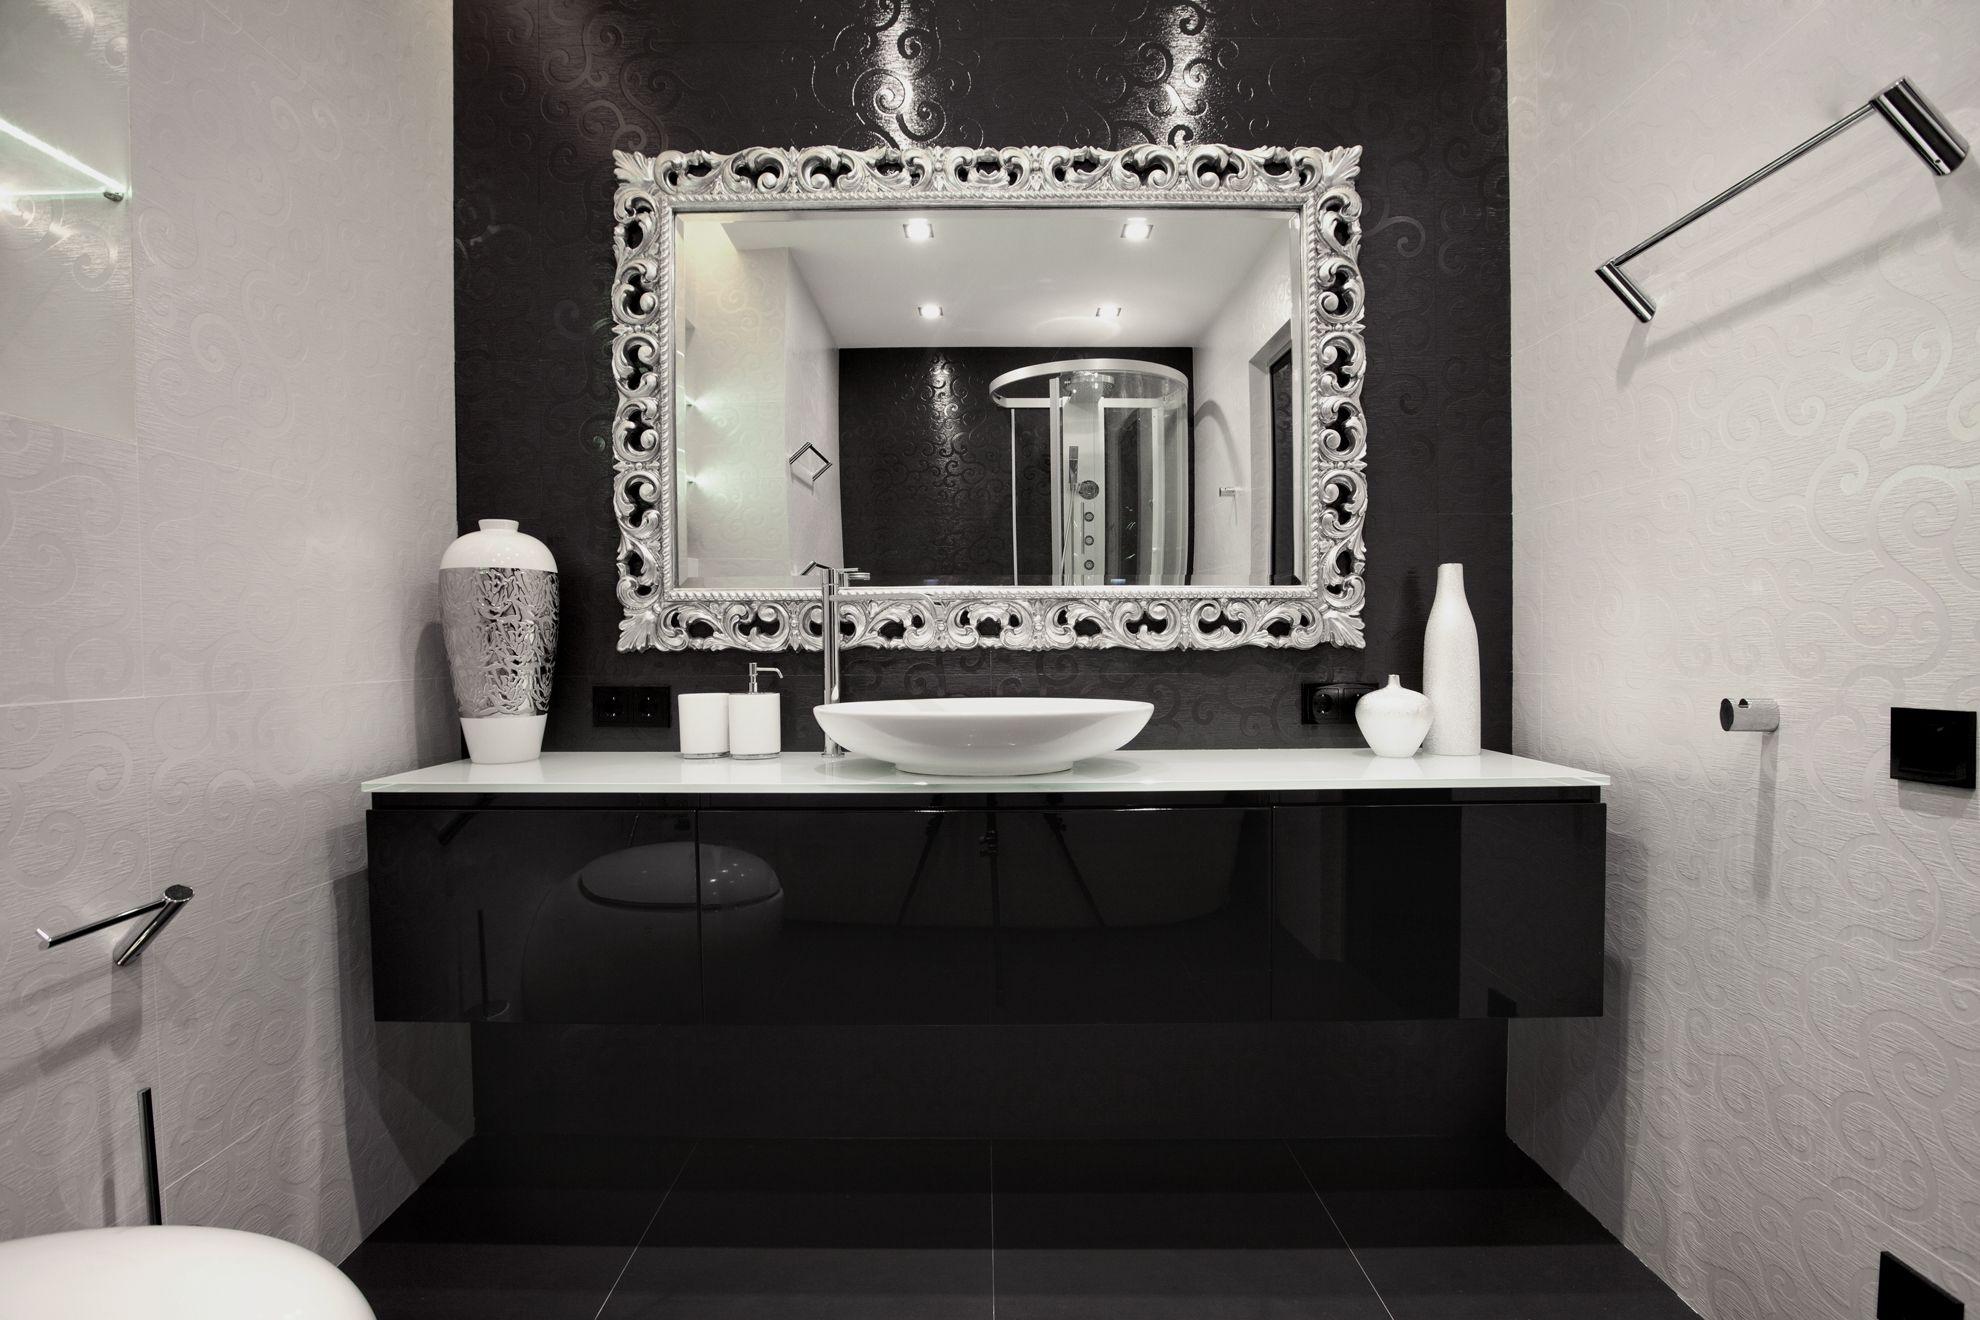 Silver Framed Mirror For Bathroom